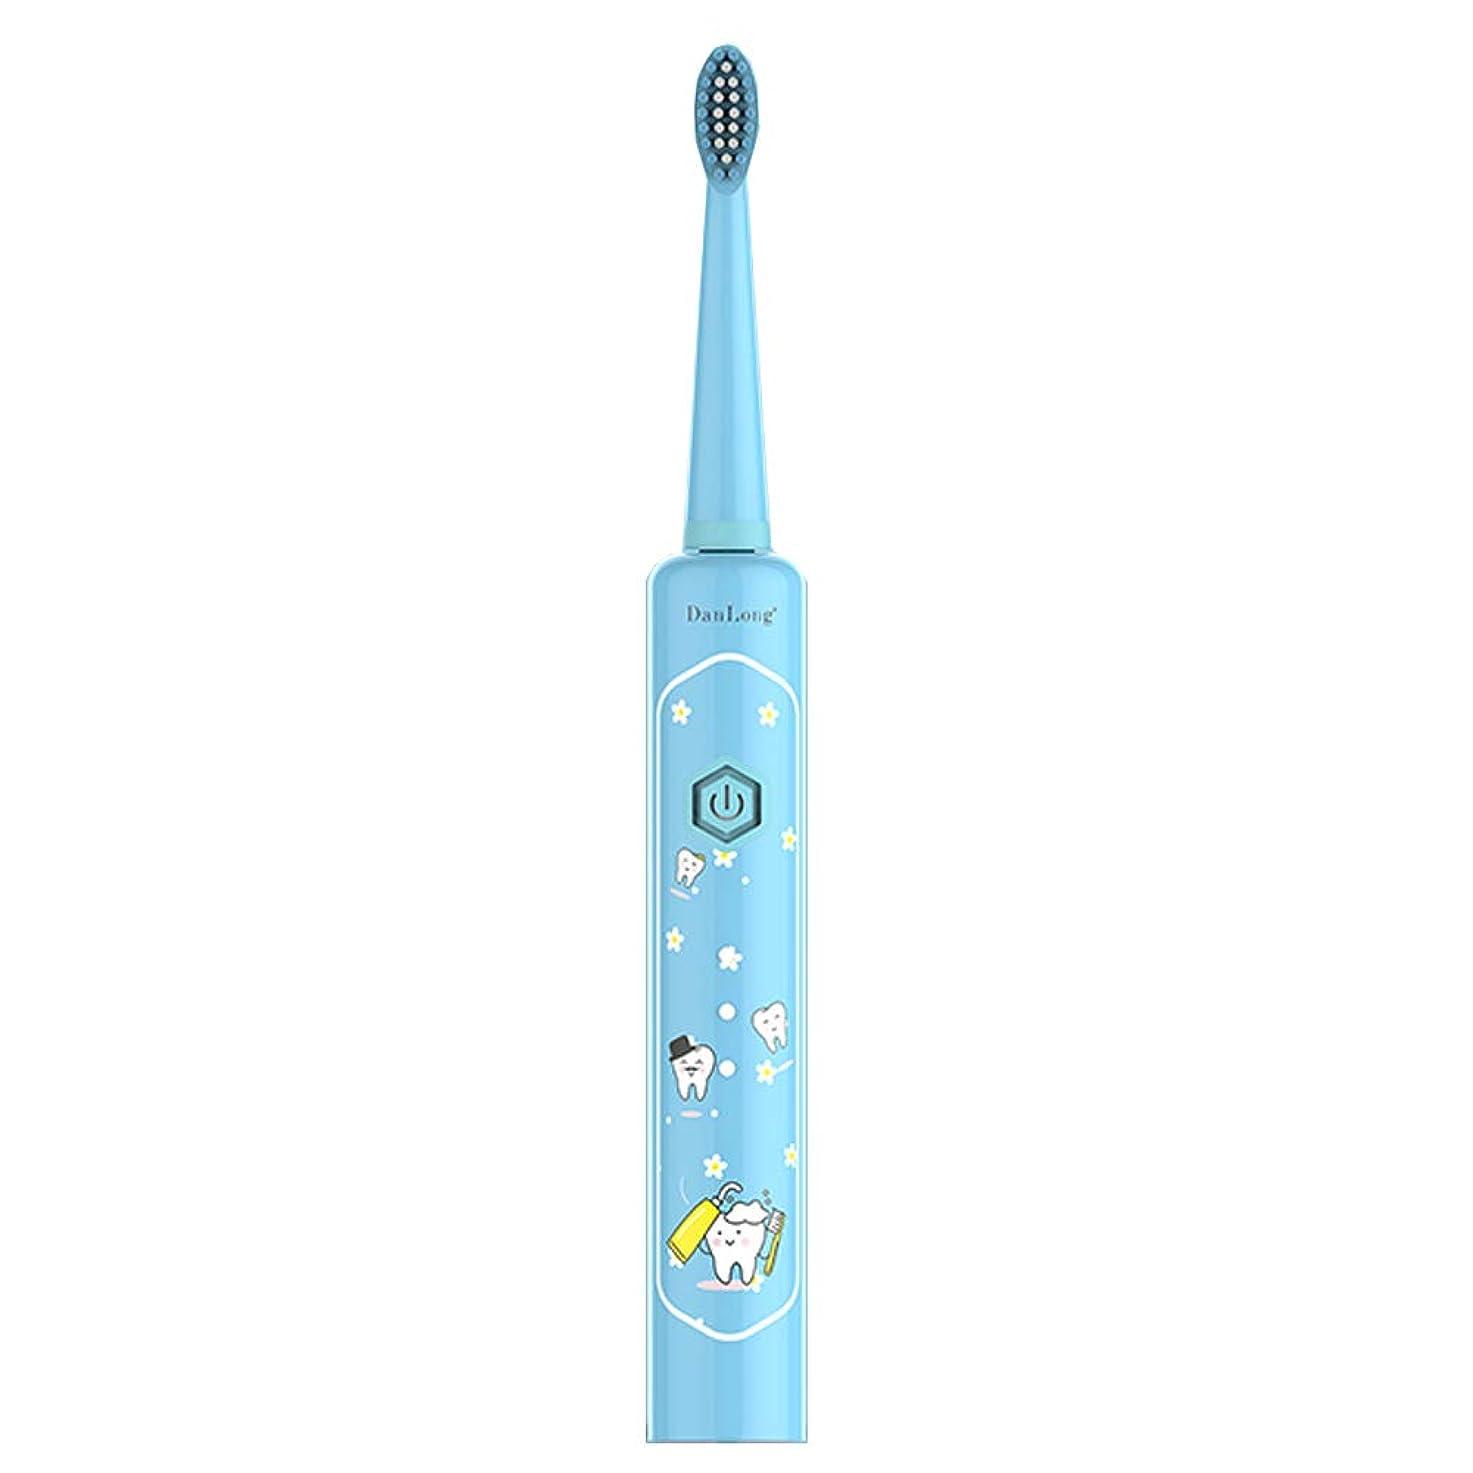 化粧ビジュアル用心深いSOOKi 子供電動歯ブラシ6モード付き充電式電動歯ブラシ、2分タイマー付き電動歯ブラシ旅行歯ブラシ、超クリーン防水ホワイト,Blue